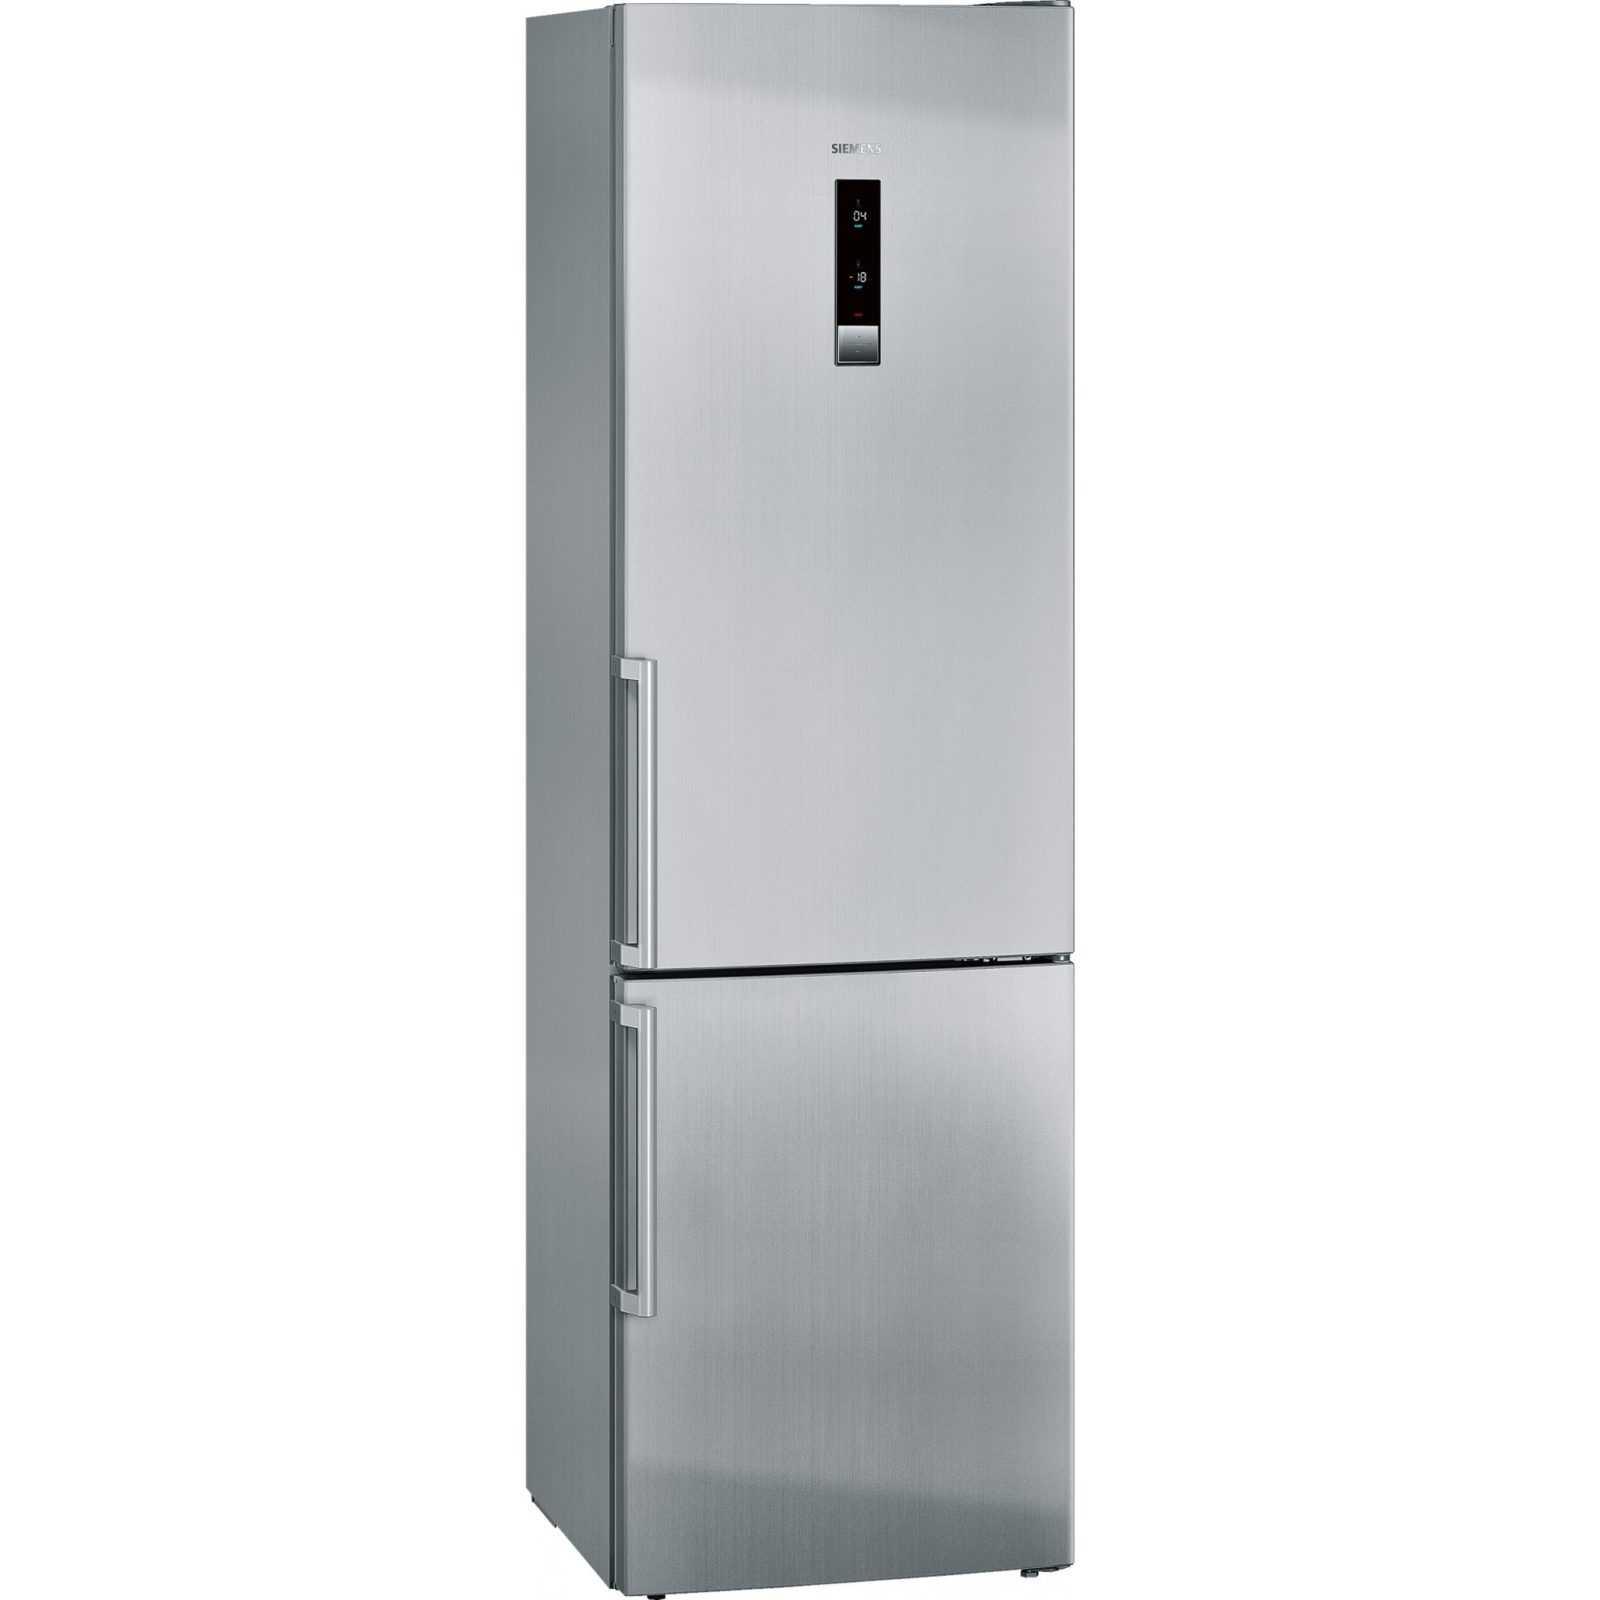 Бытовой холодильник Siemens kg39nxi32